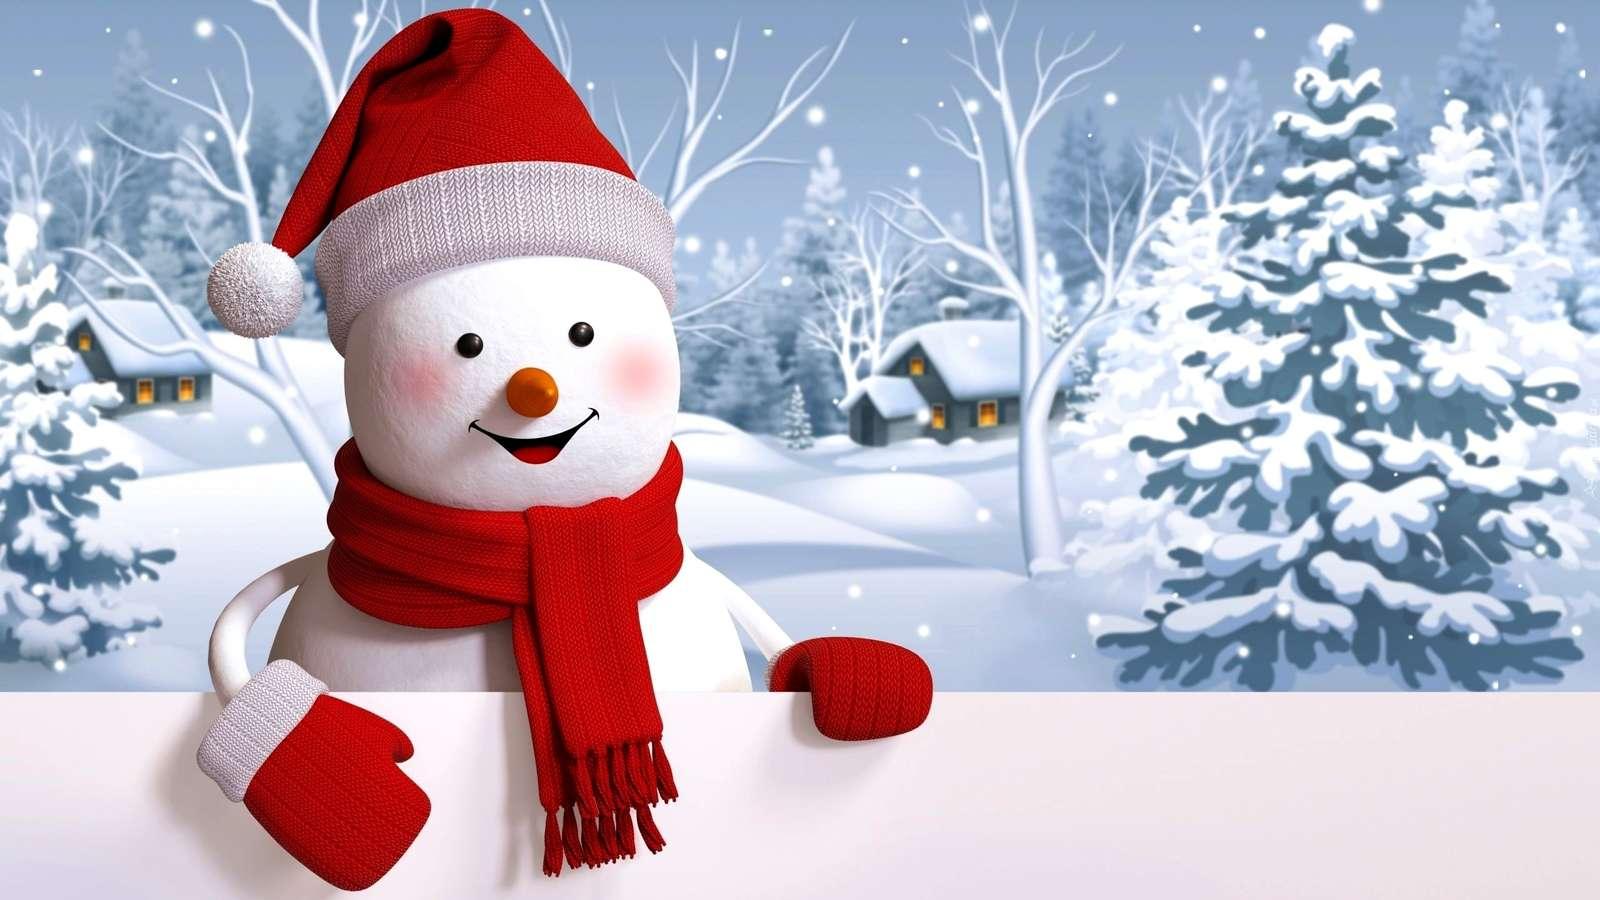 sněhulák - sněhulák ze sněhu (8×6)